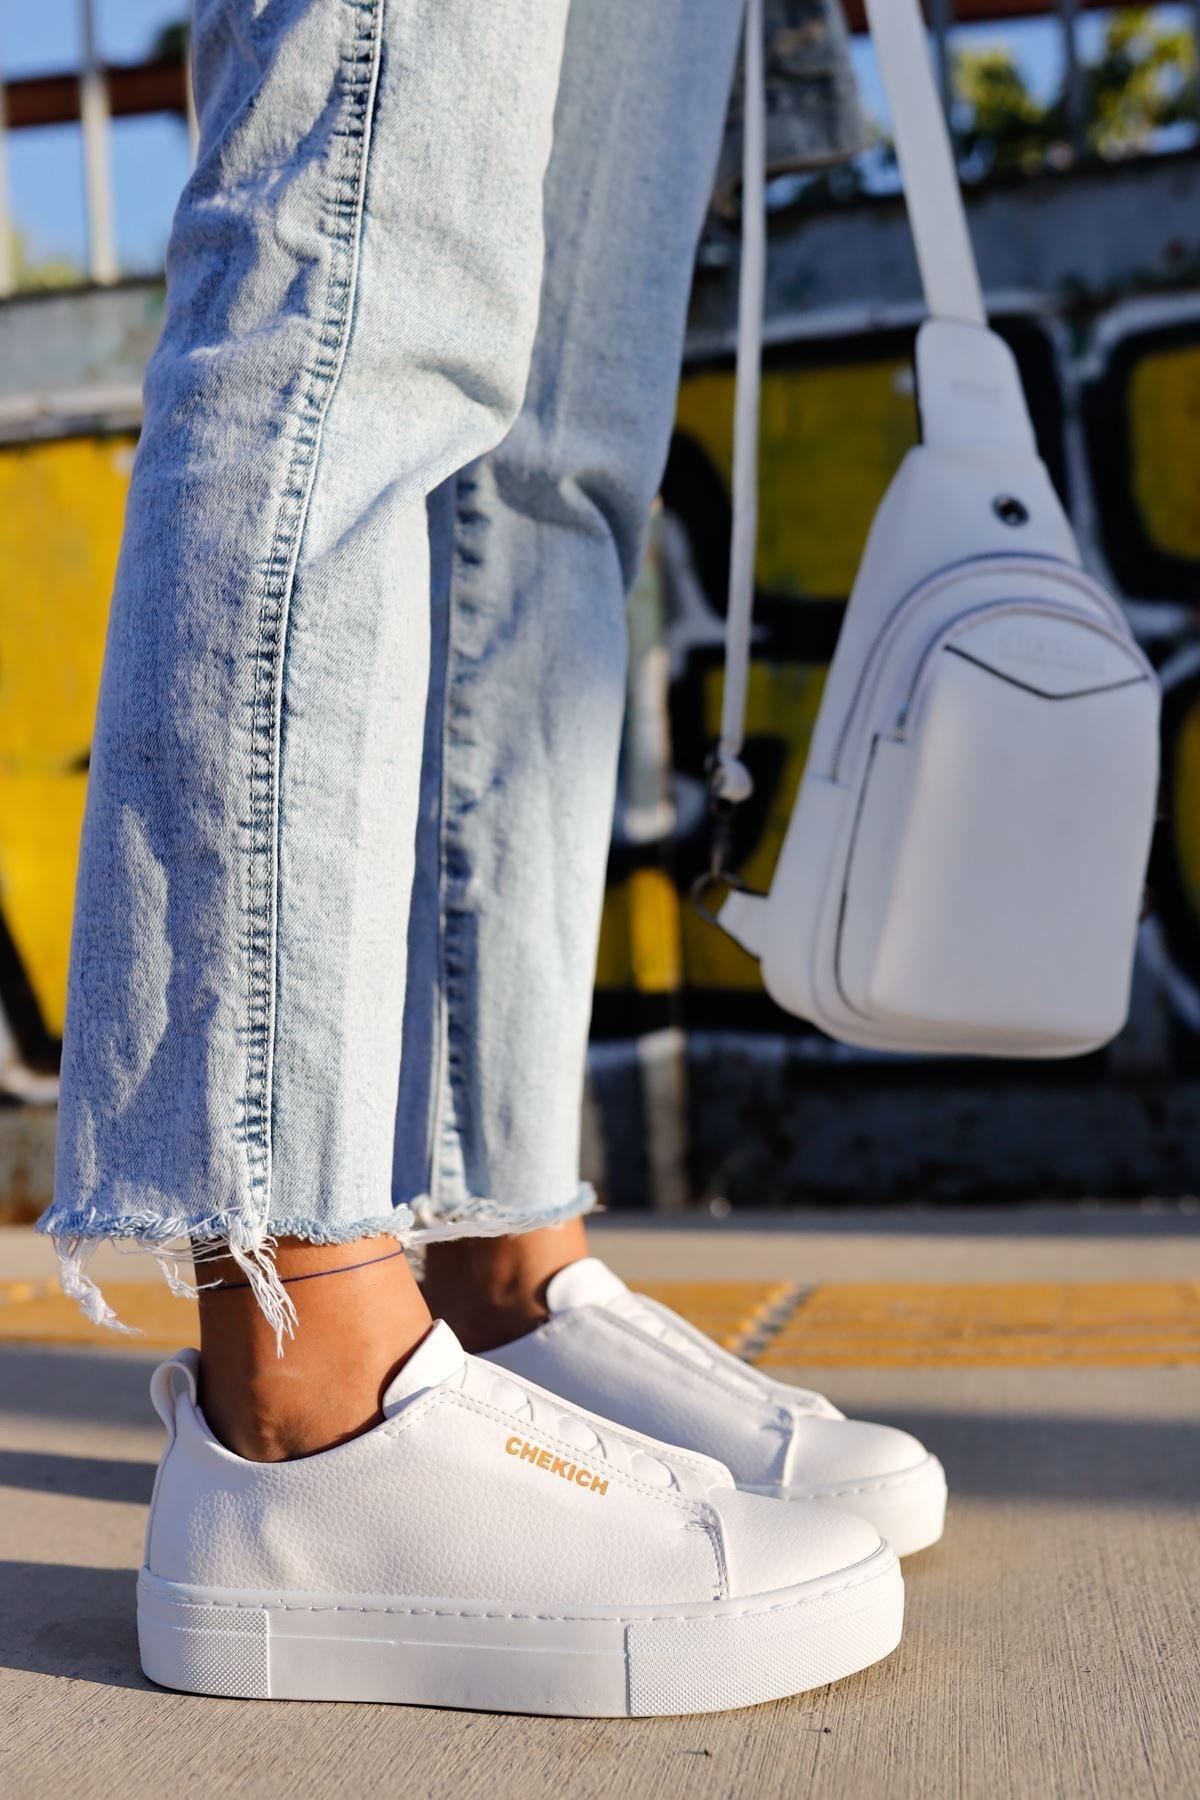 Chekich Ch013 Bt Kadın Ayakkabı Beyaz 2